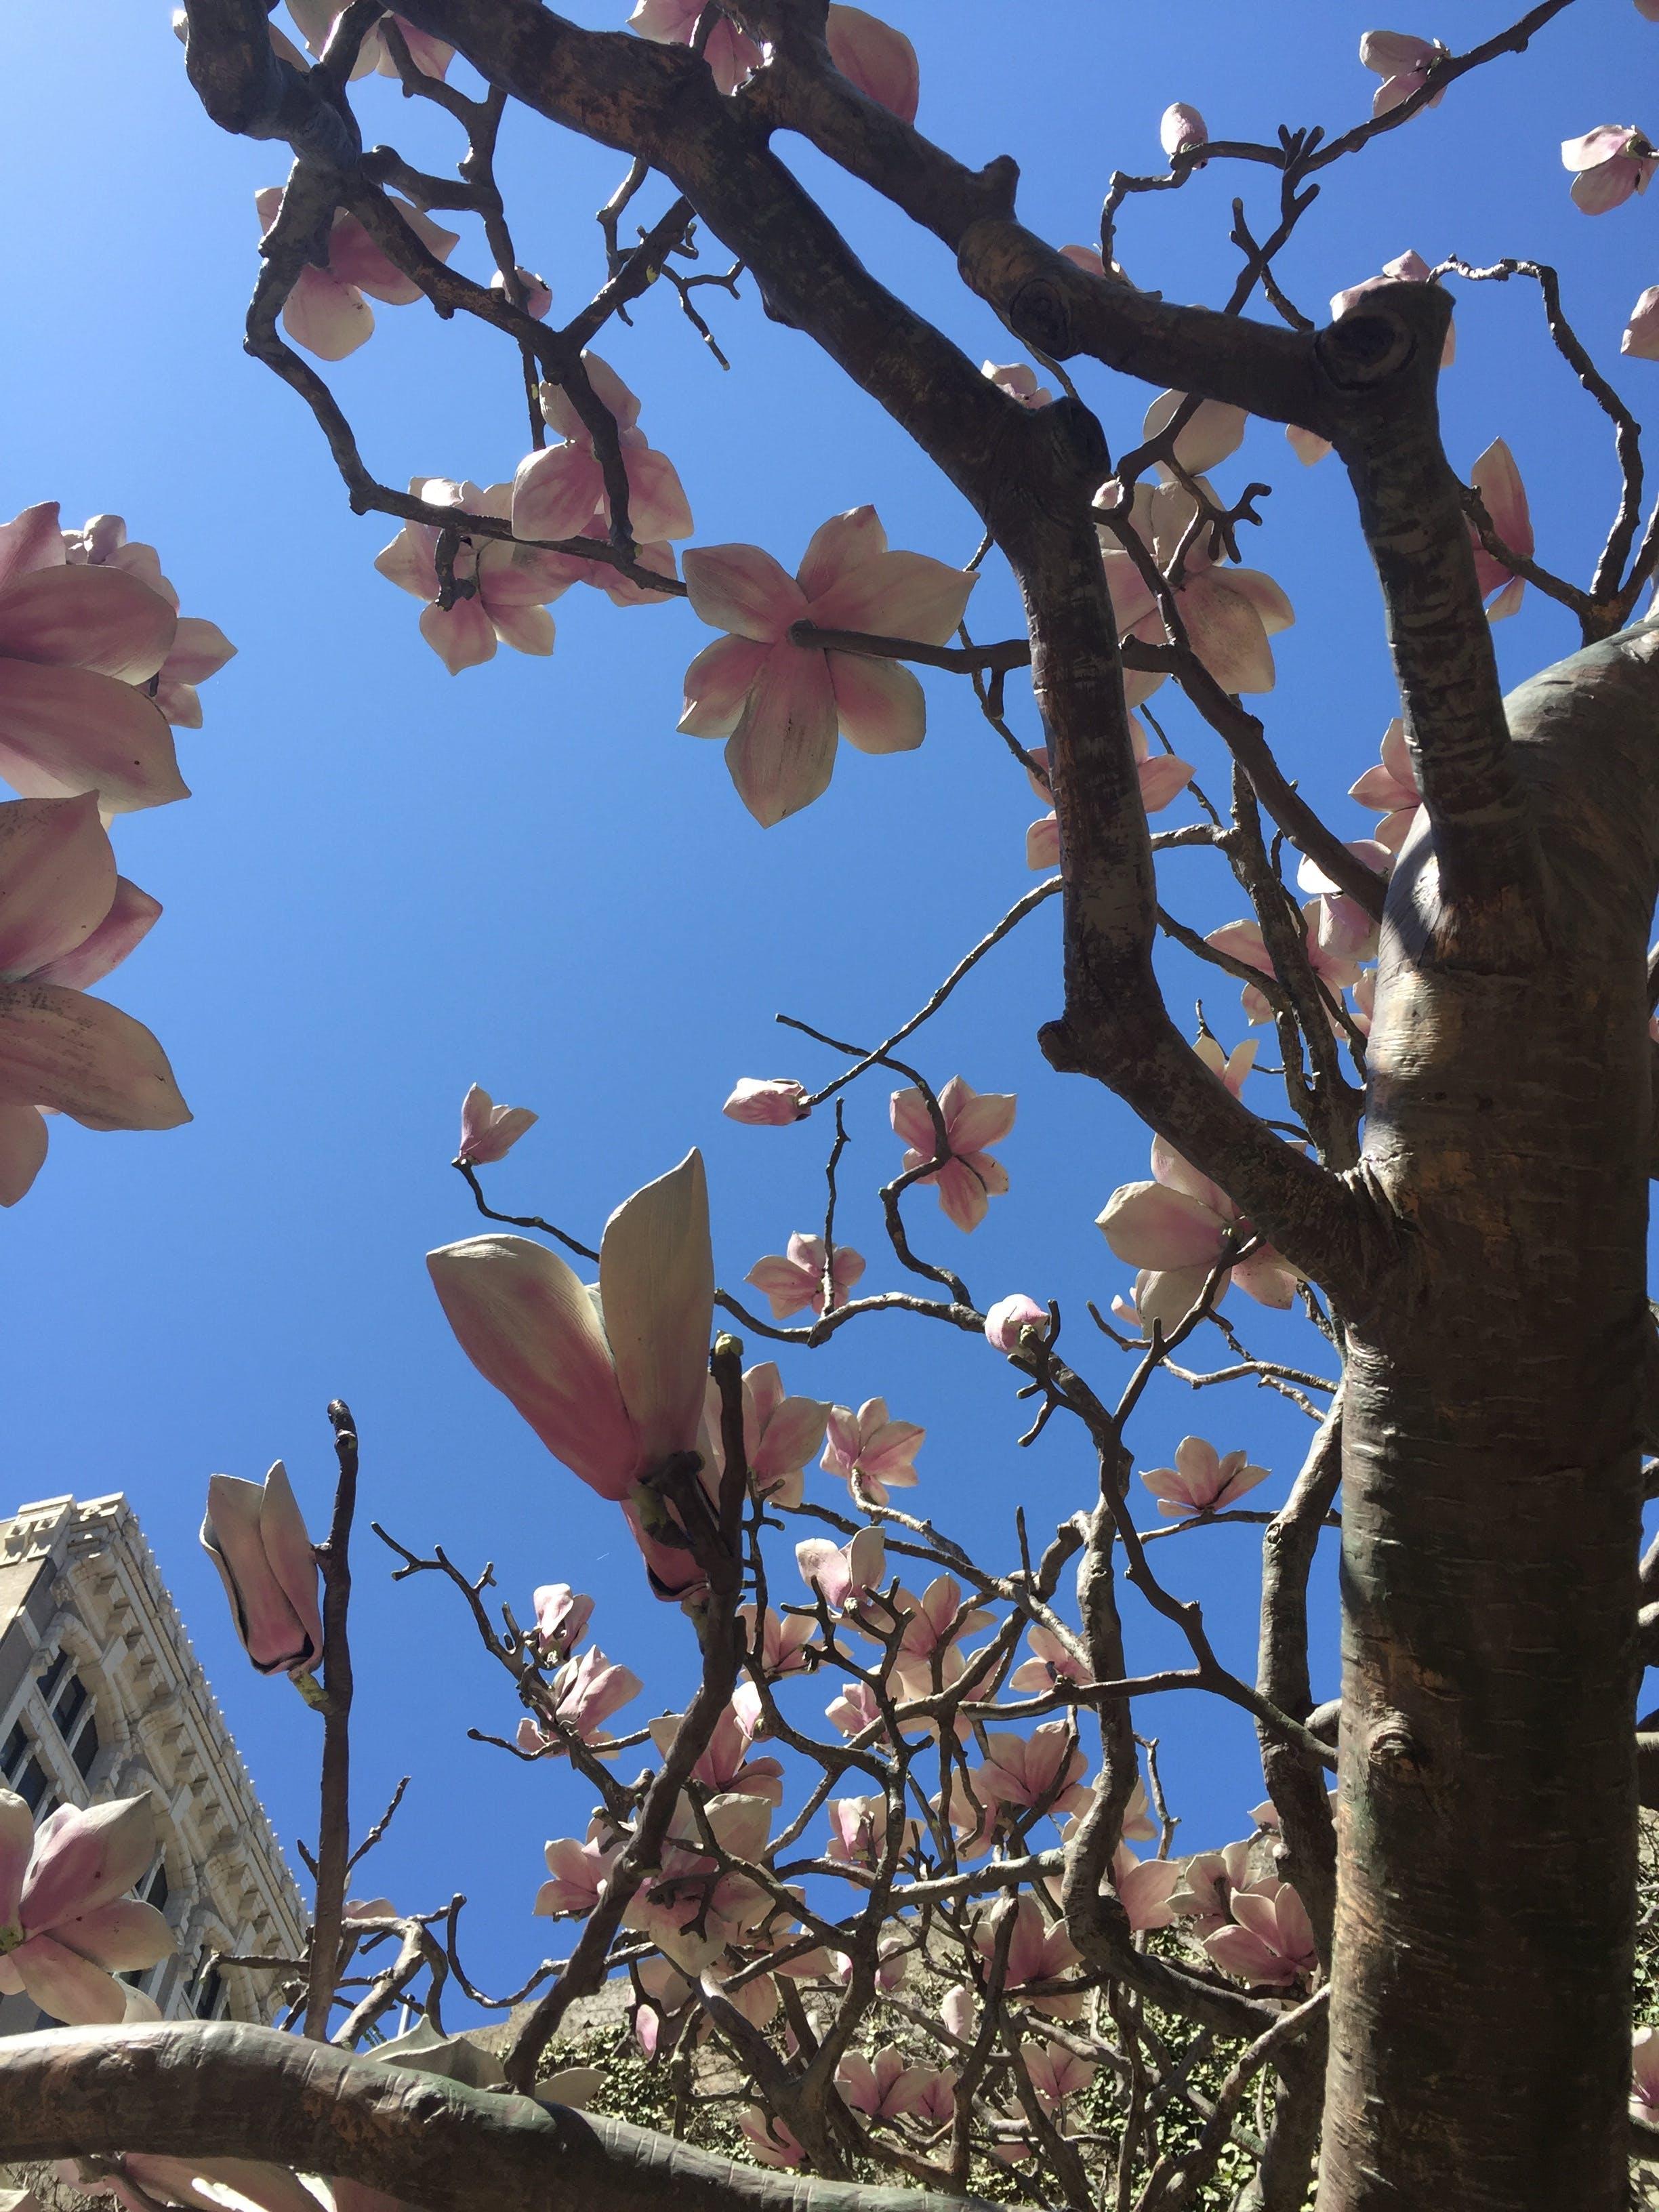 Free stock photo of sky, flowers, buildings, tree